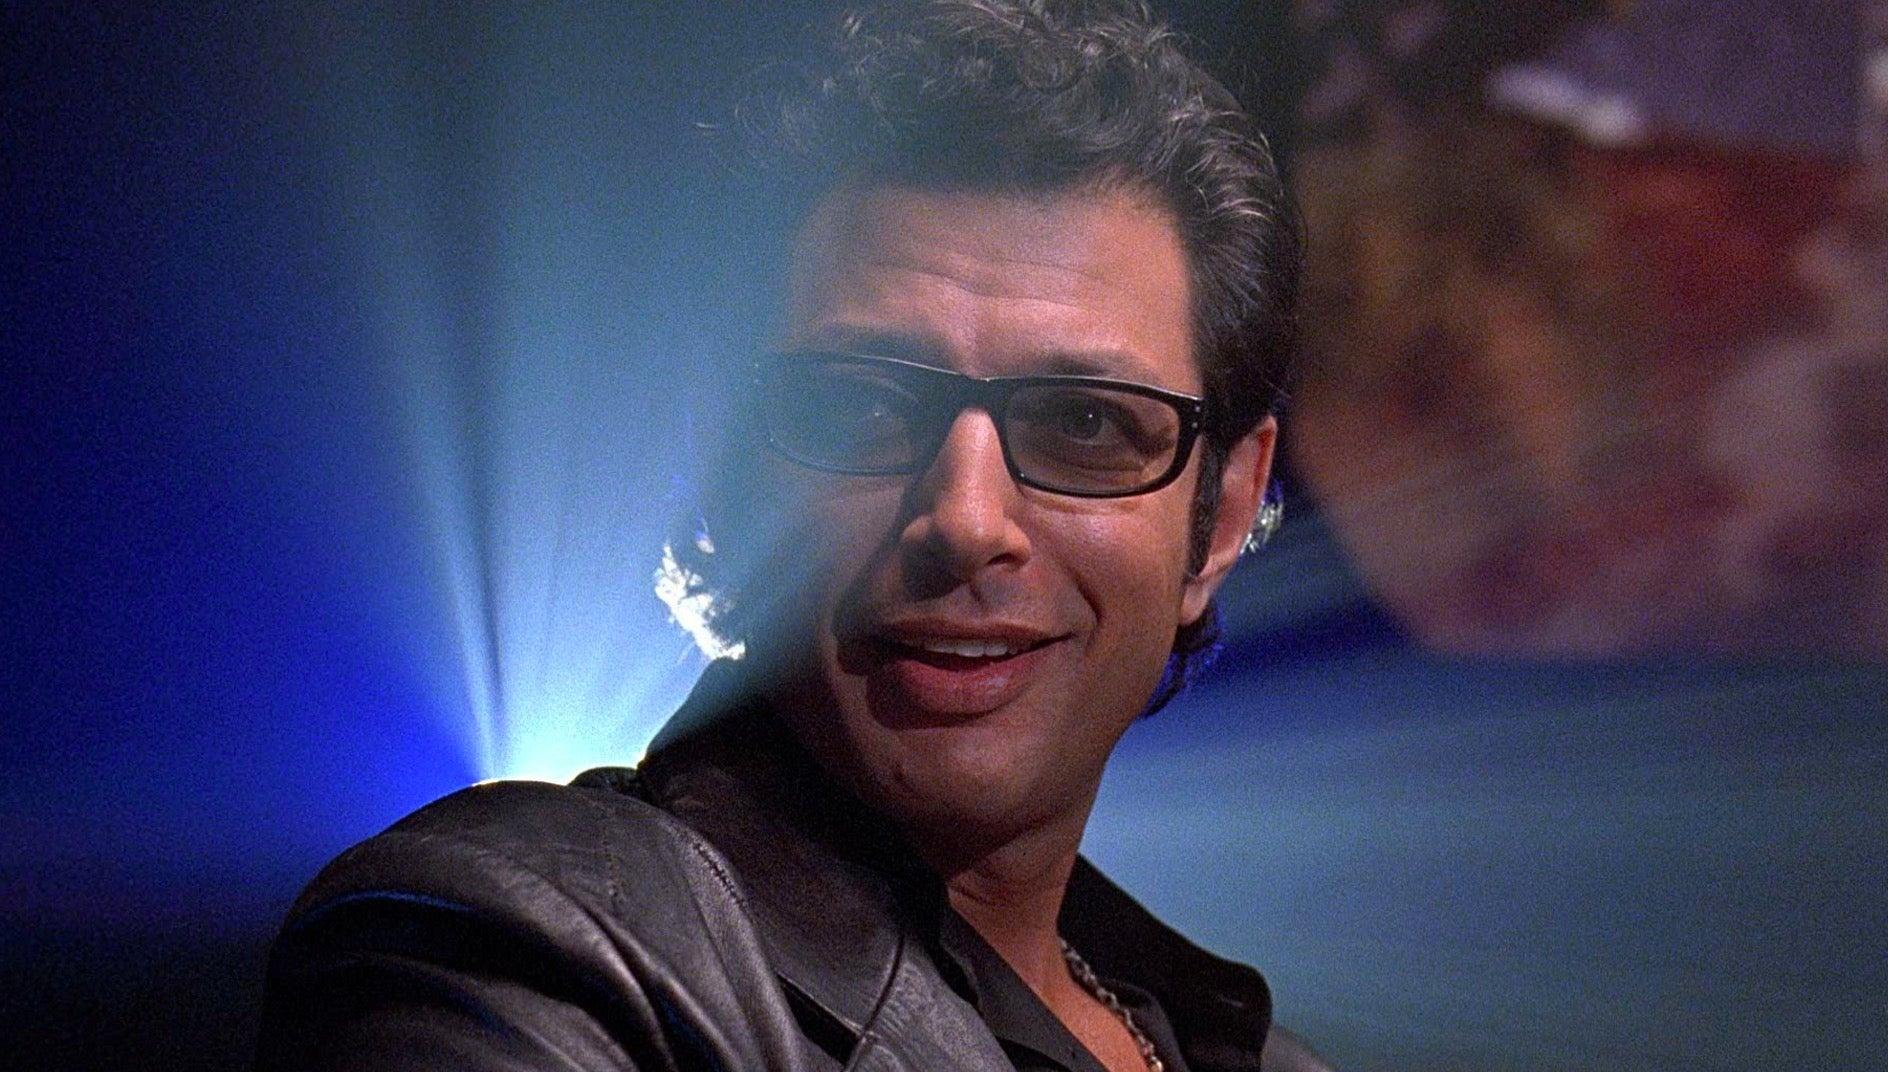 Life Finds A Way As Jeff Goldblum Returns For Jurassic World 2